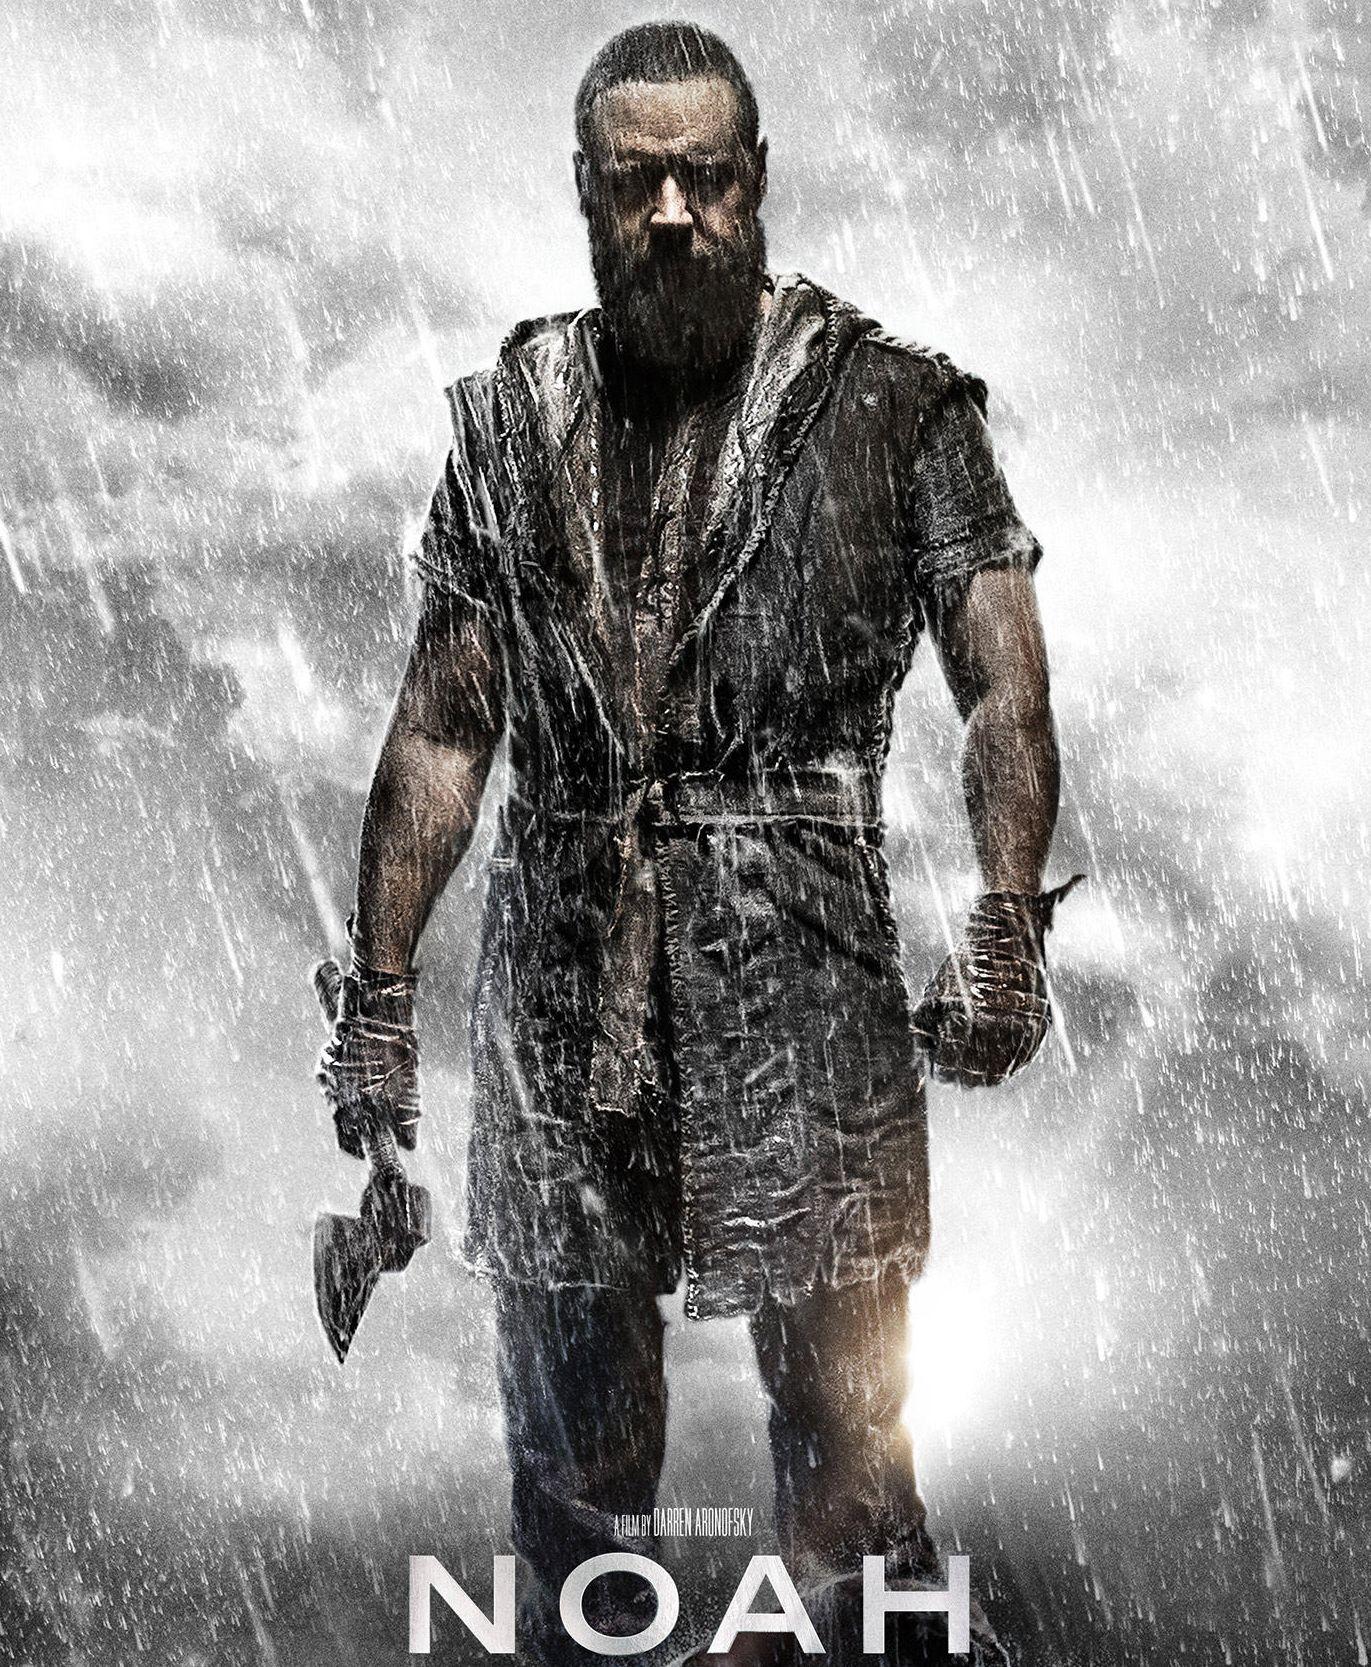 Russell Crowe, dark eyes and more rain, Noah